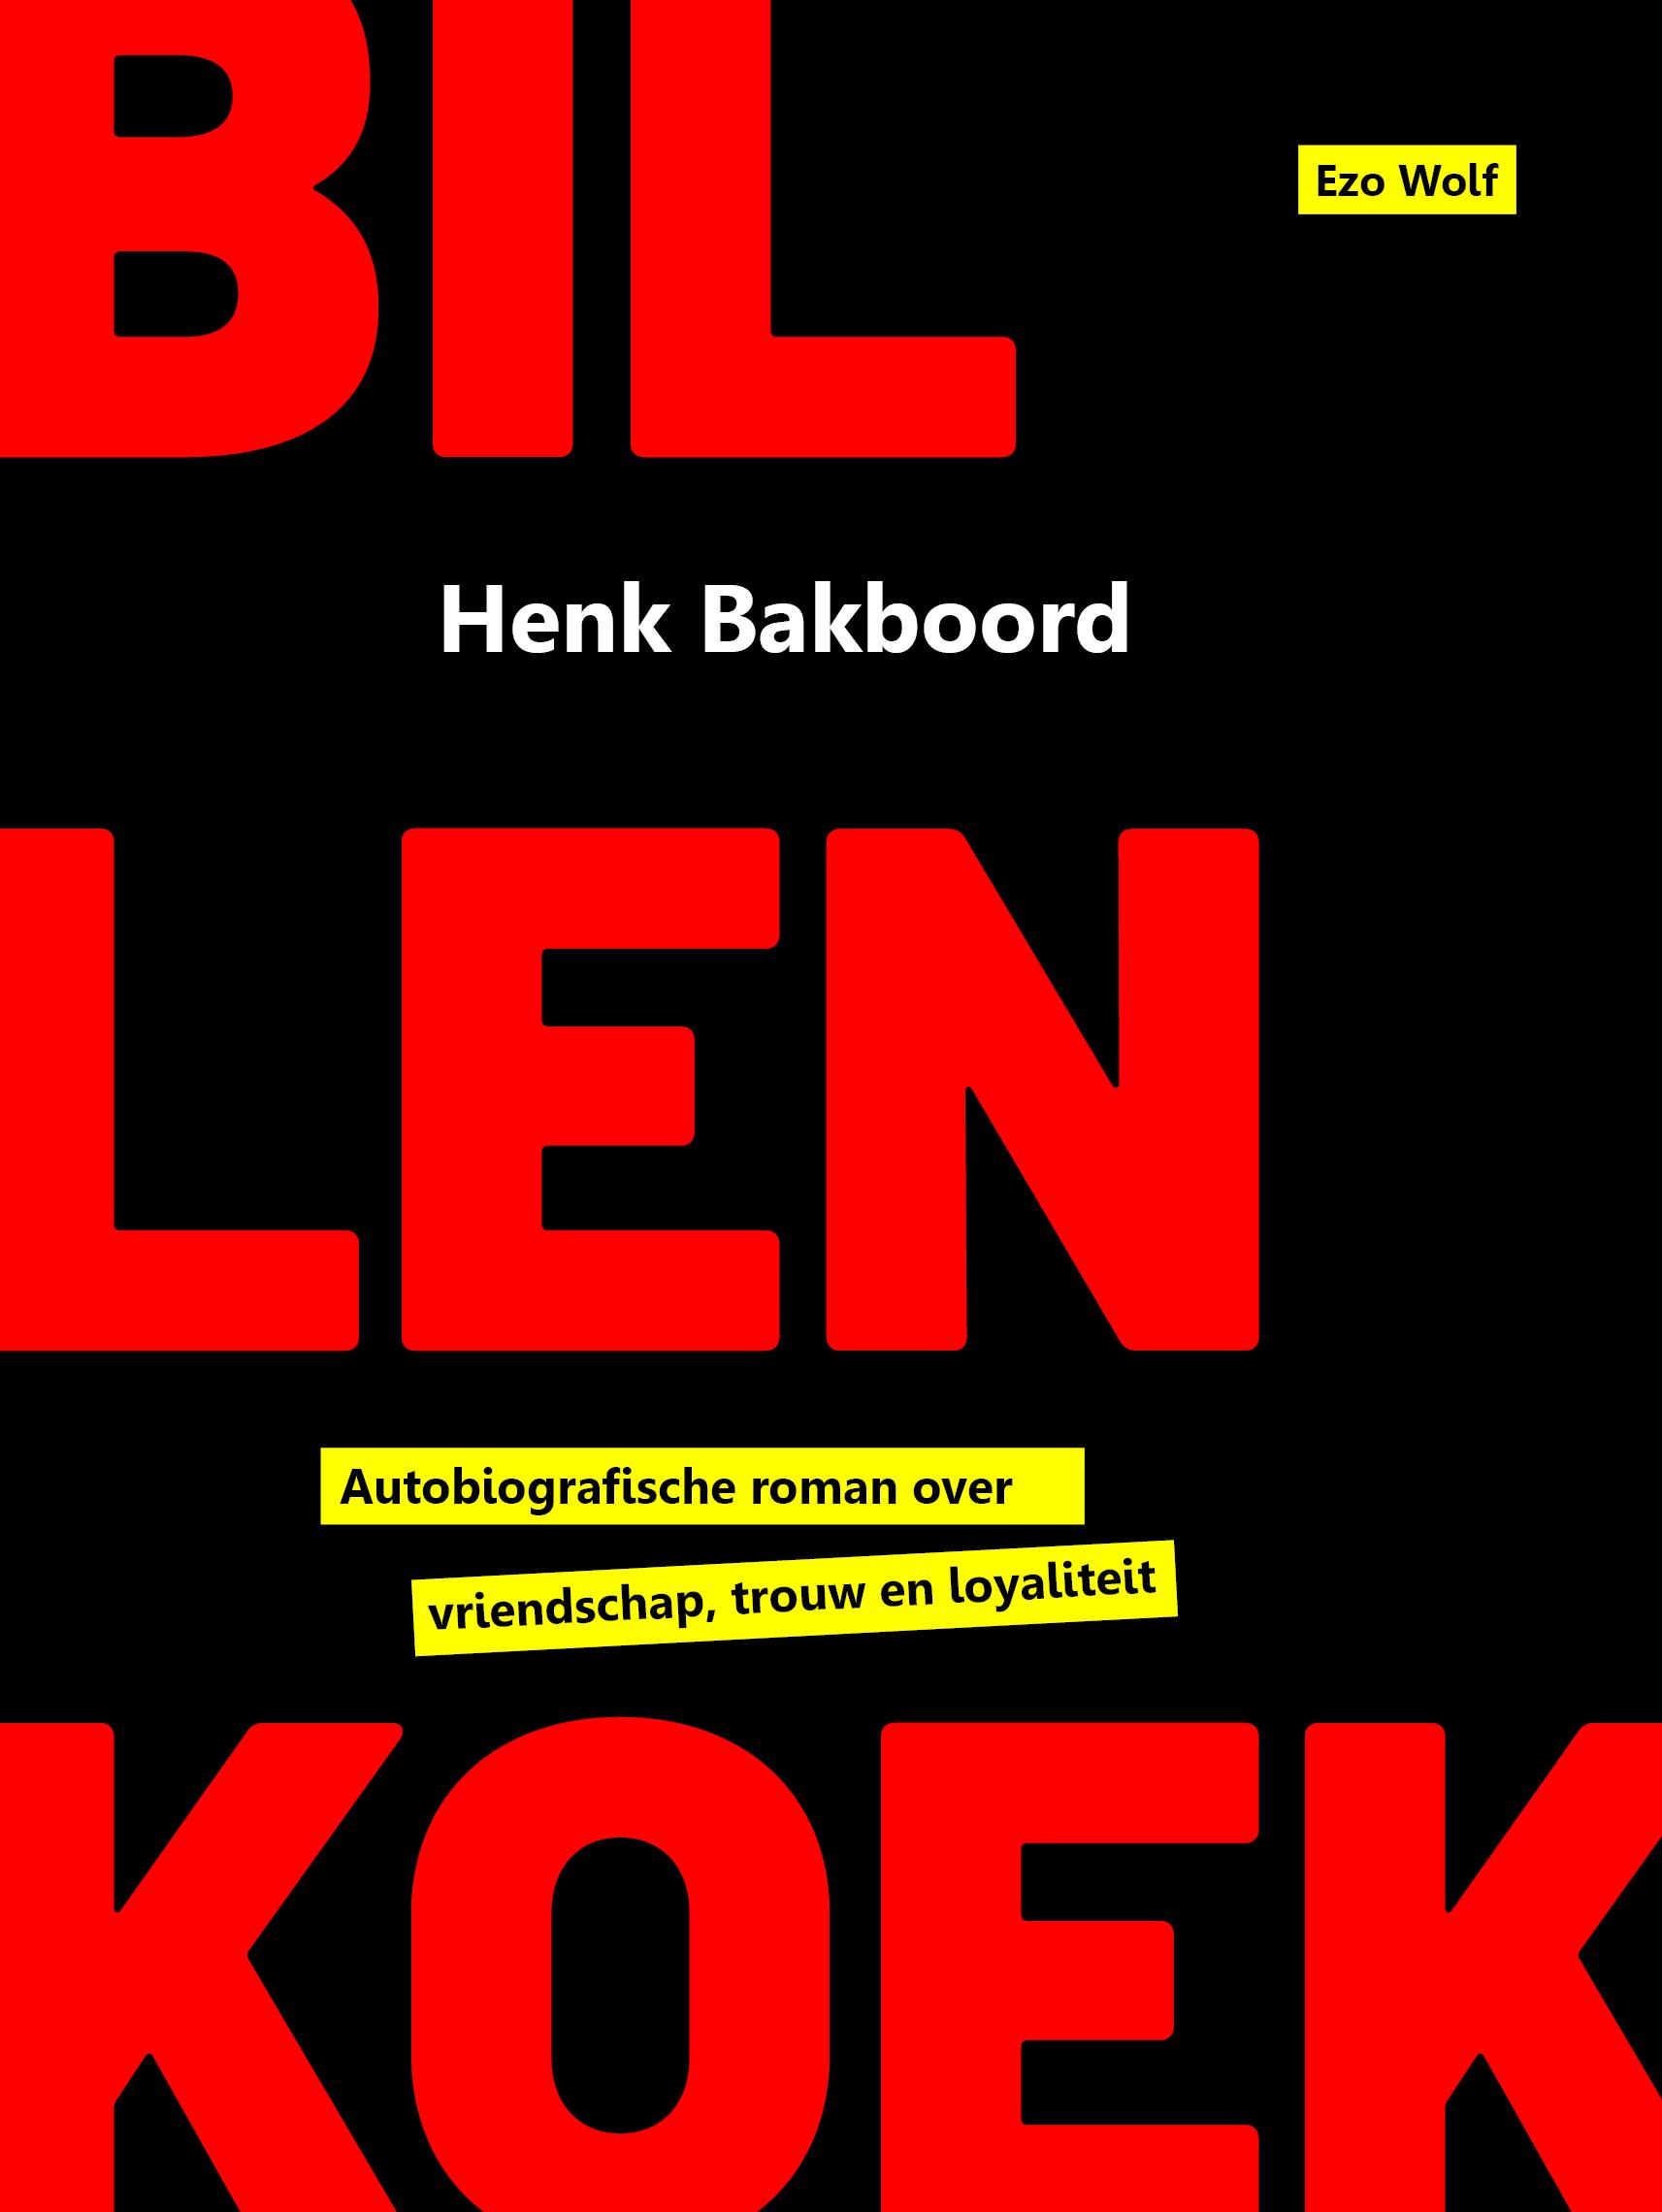 Billenkoek door Henk Bakboord